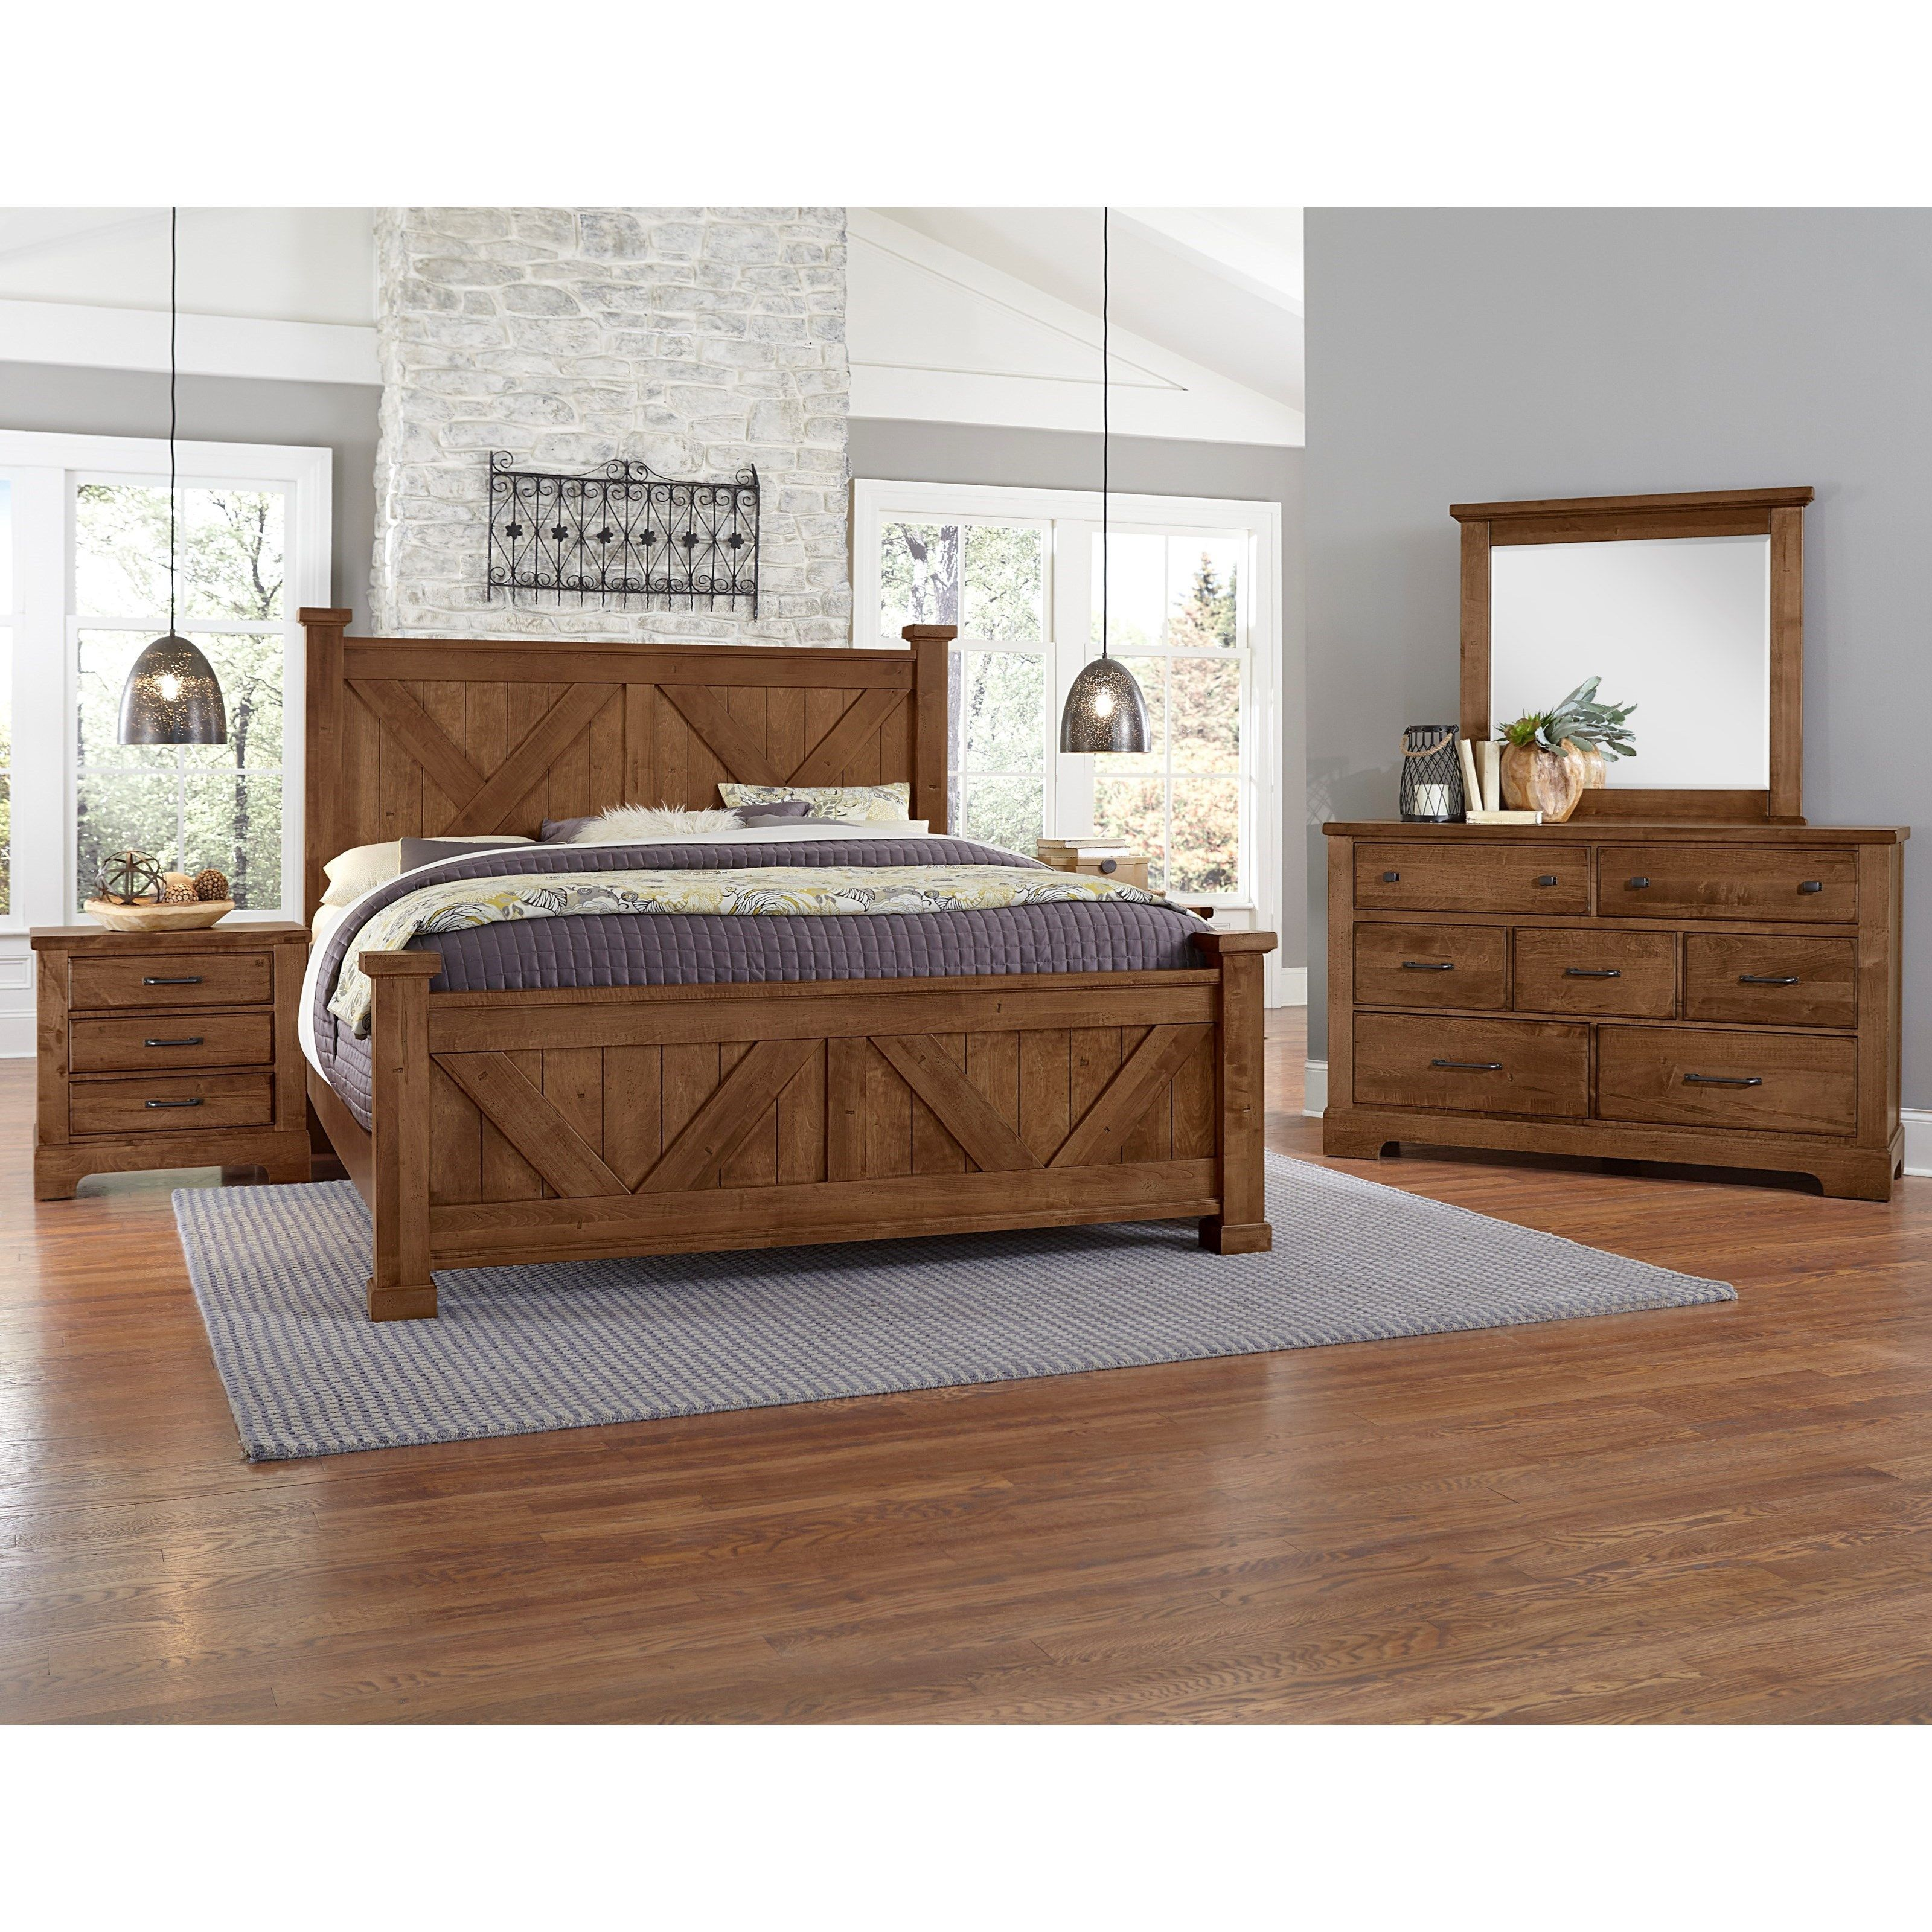 60+ Wayside Furniture King Bedroom Sets Best